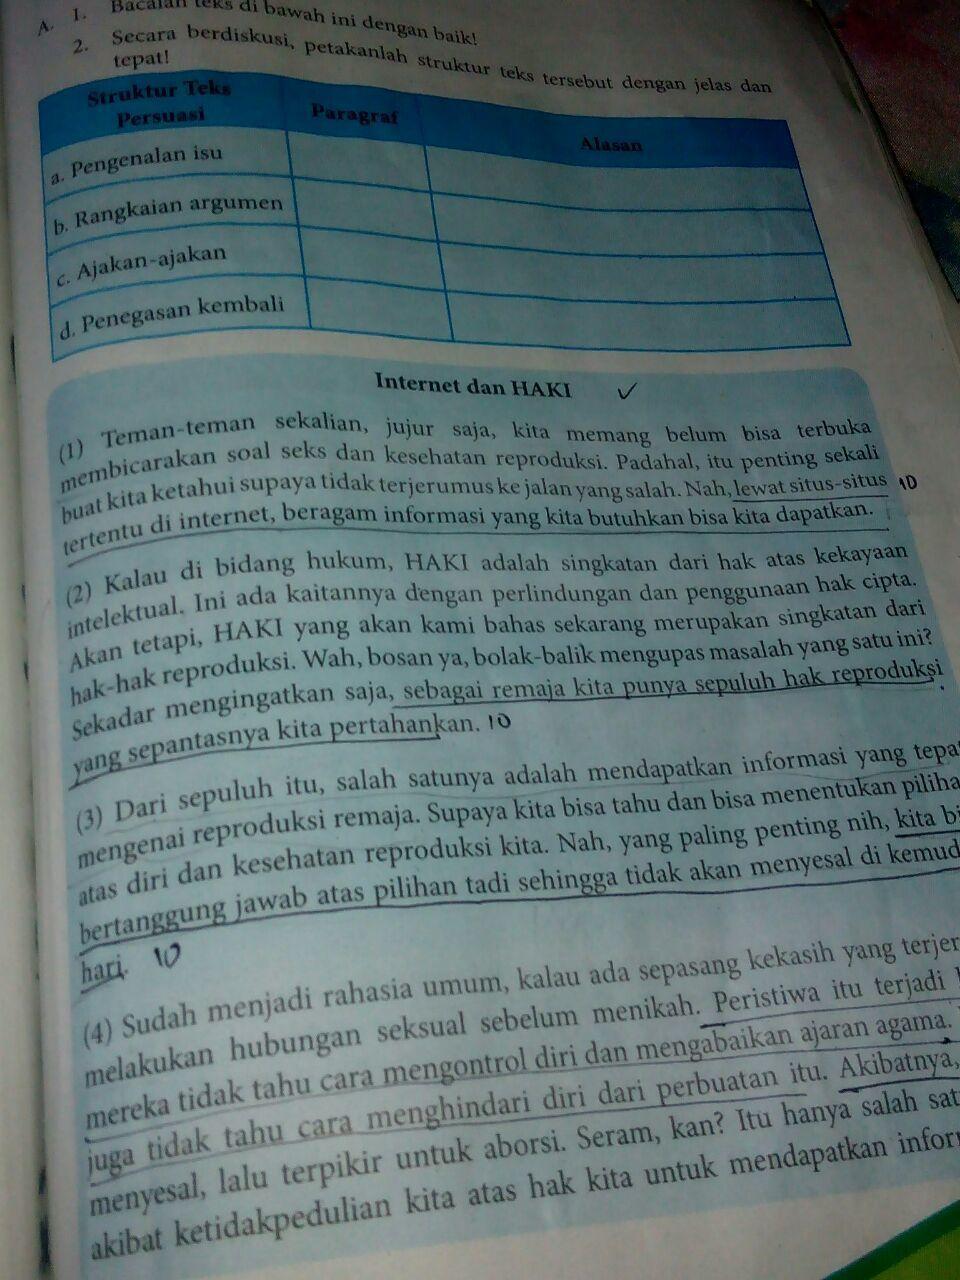 kegiatan 7.6 halaman 190 bahasa Indonesia kelas 8 ...